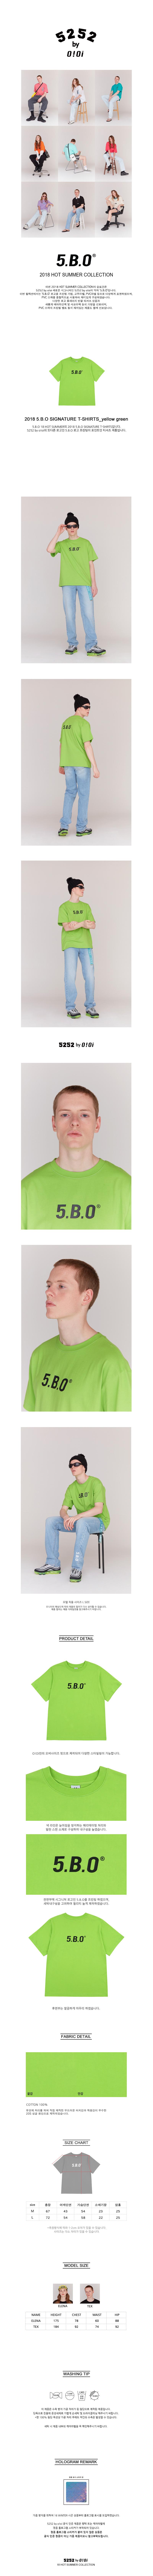 5252 바이 오아이오아이(5252BYOIOI) 5.B.O 시그니처 티셔츠_옐로우 그린